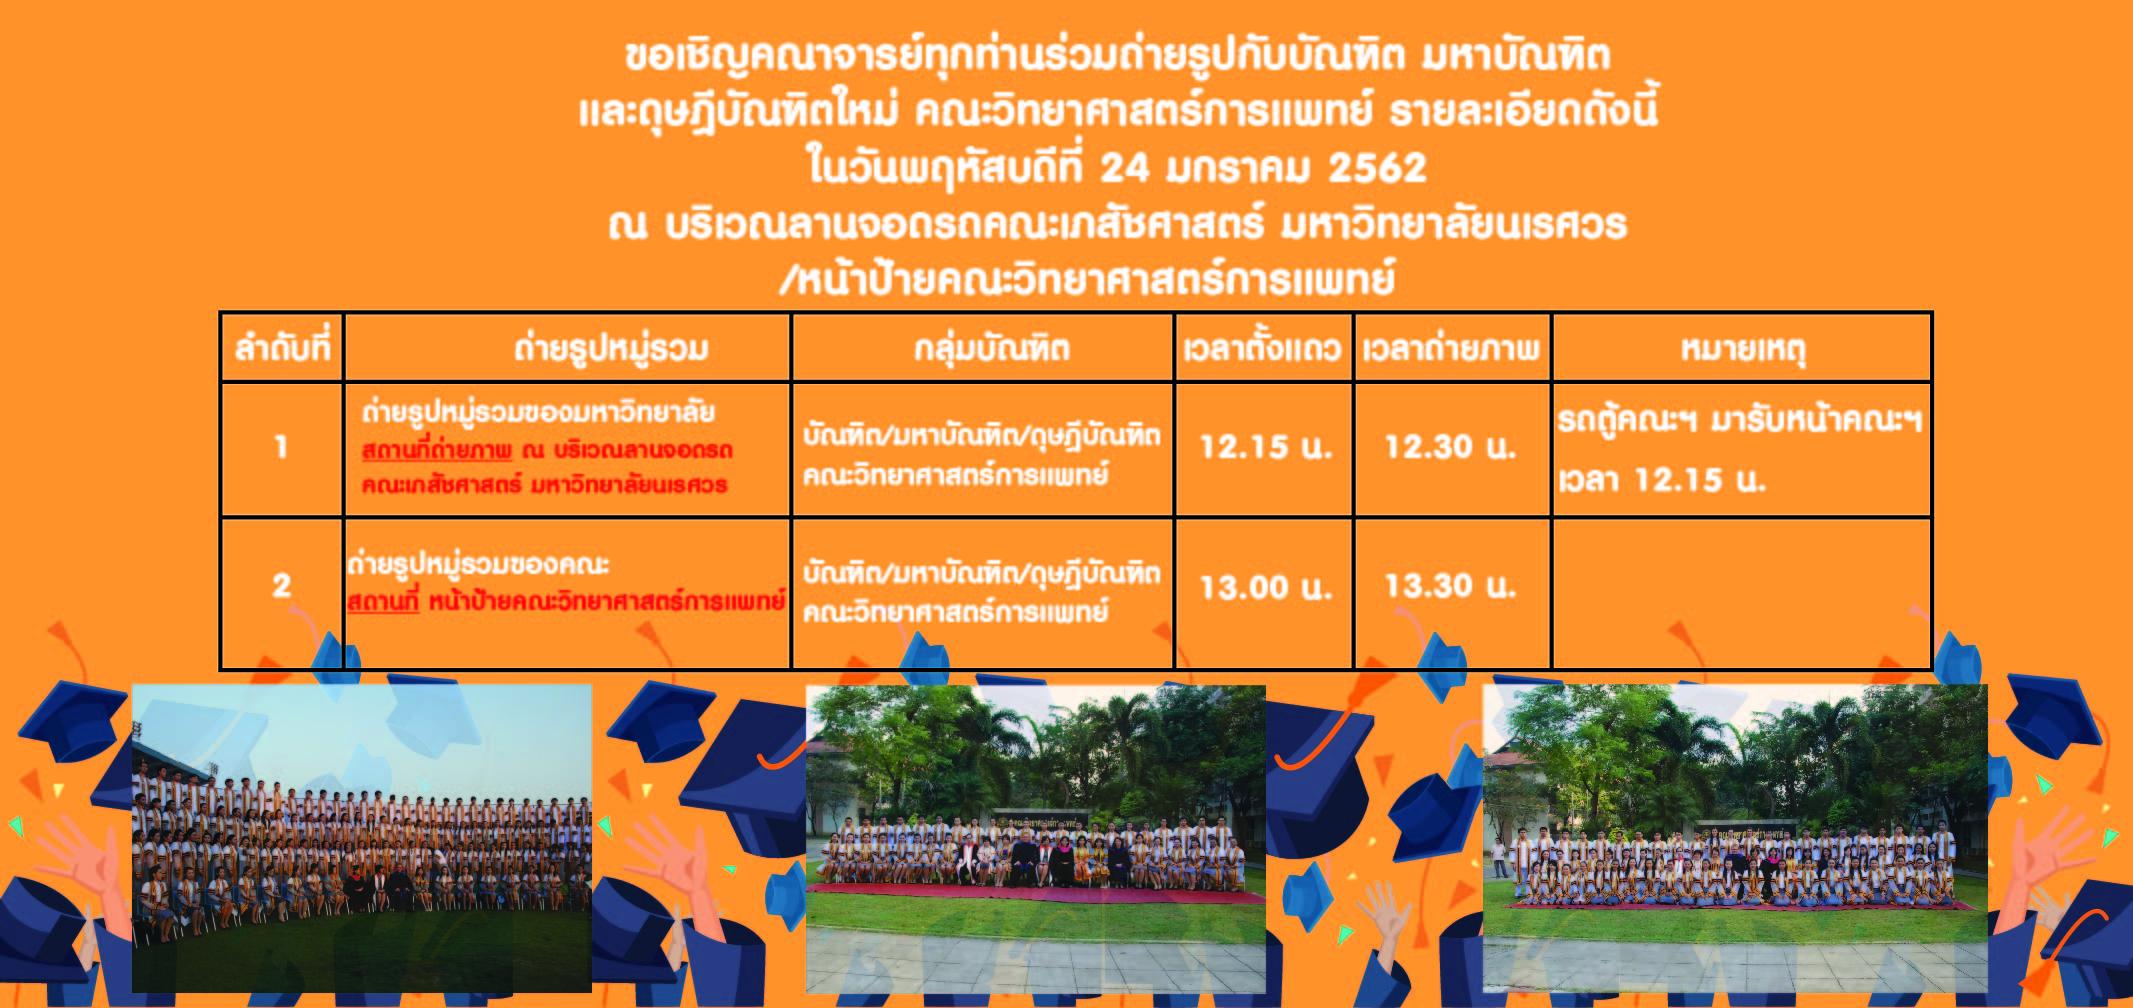 ขอเชิญคณาจารย์ทุกท่านร่วมถ่ายรูปกับบัณฑิต มหาบัณฑิต และดุษฎีบัณฑิตใหม่ คณะวิทยาศาสตร์การแพทย์ รายละเอียดดังนี้ ในวันพฤหัสบดีที่ 24 มกราคม 2562 ณ บริเวณลานจอดรถคณะเภสัชศาสตร์ มหาวิทยาลัยนเรศวร /หน้าป้ายคณะวิทยาศาสตร์การแพทย์